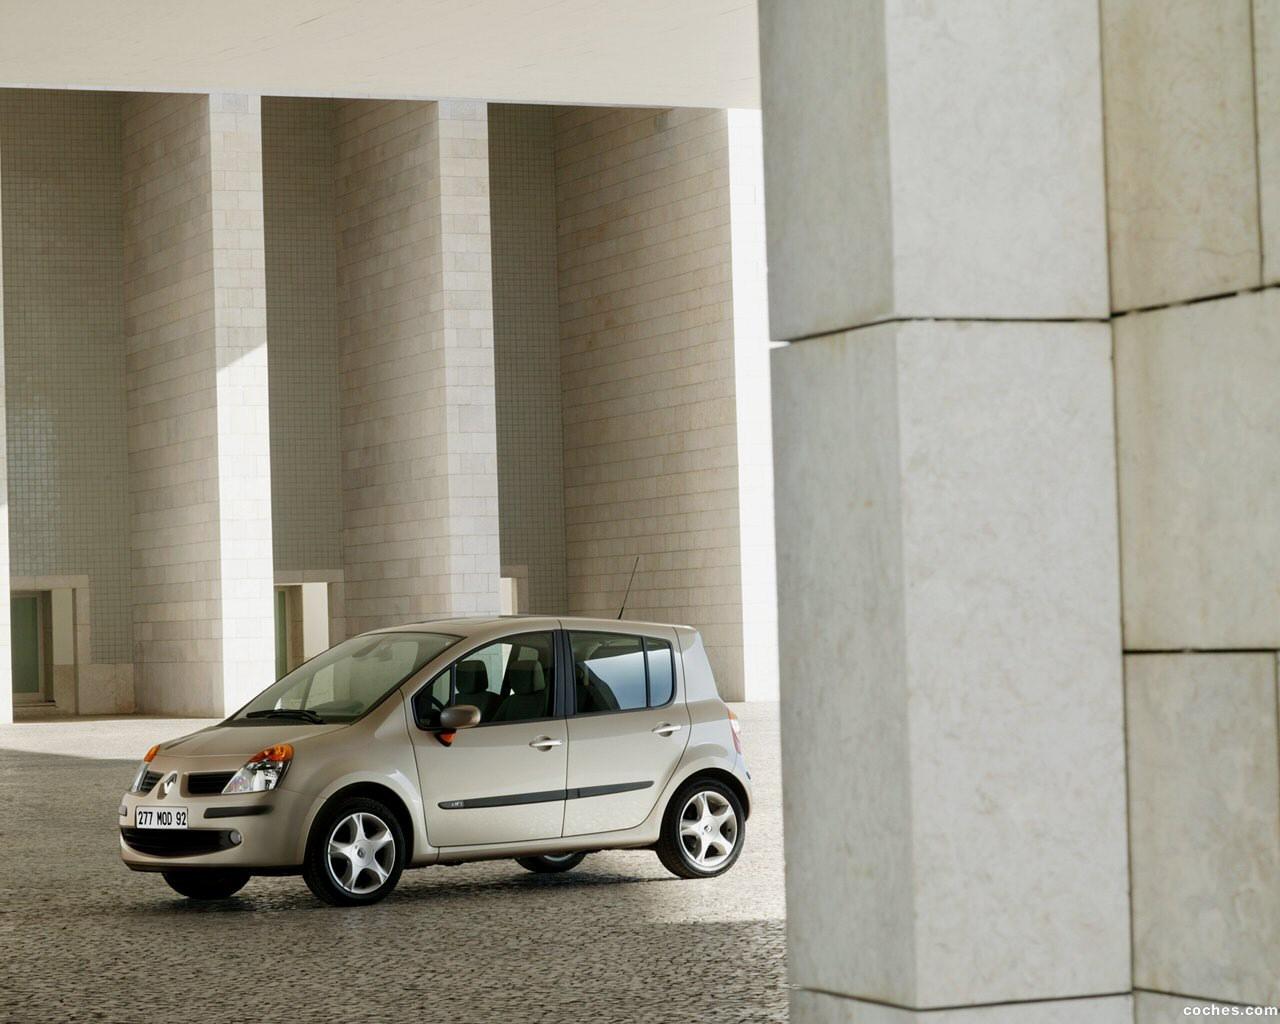 Foto 5 de Renault Modus 2004